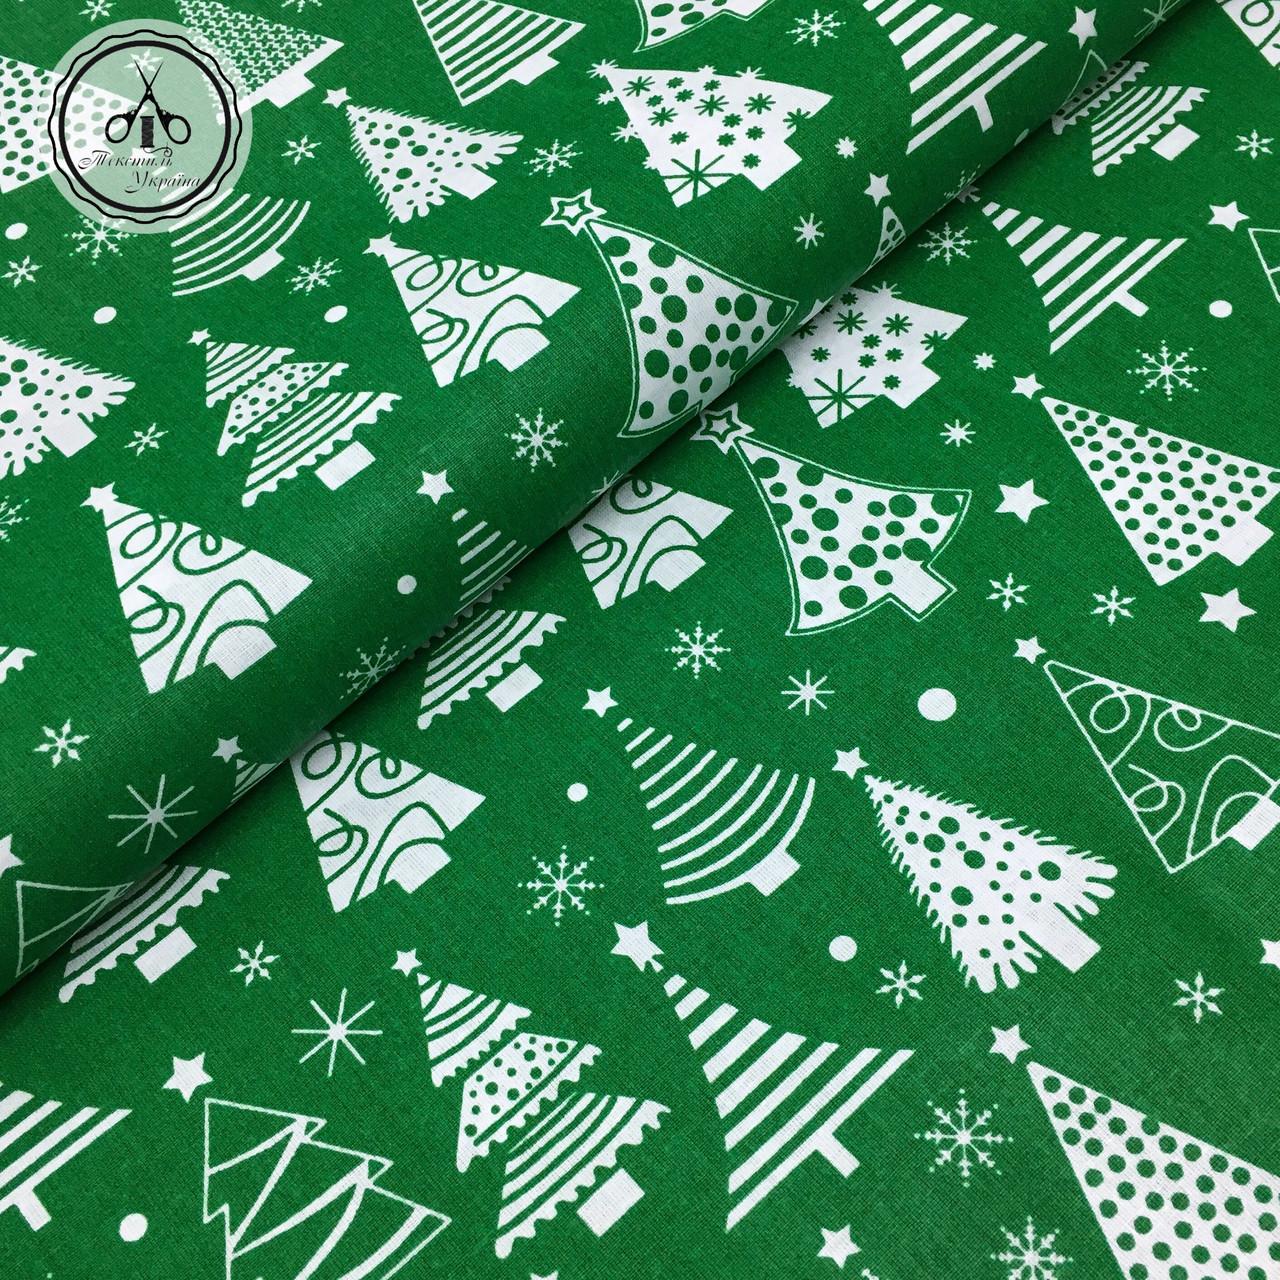 """Польская хлопковая ткань """"елки белые рядами на зеленом"""""""